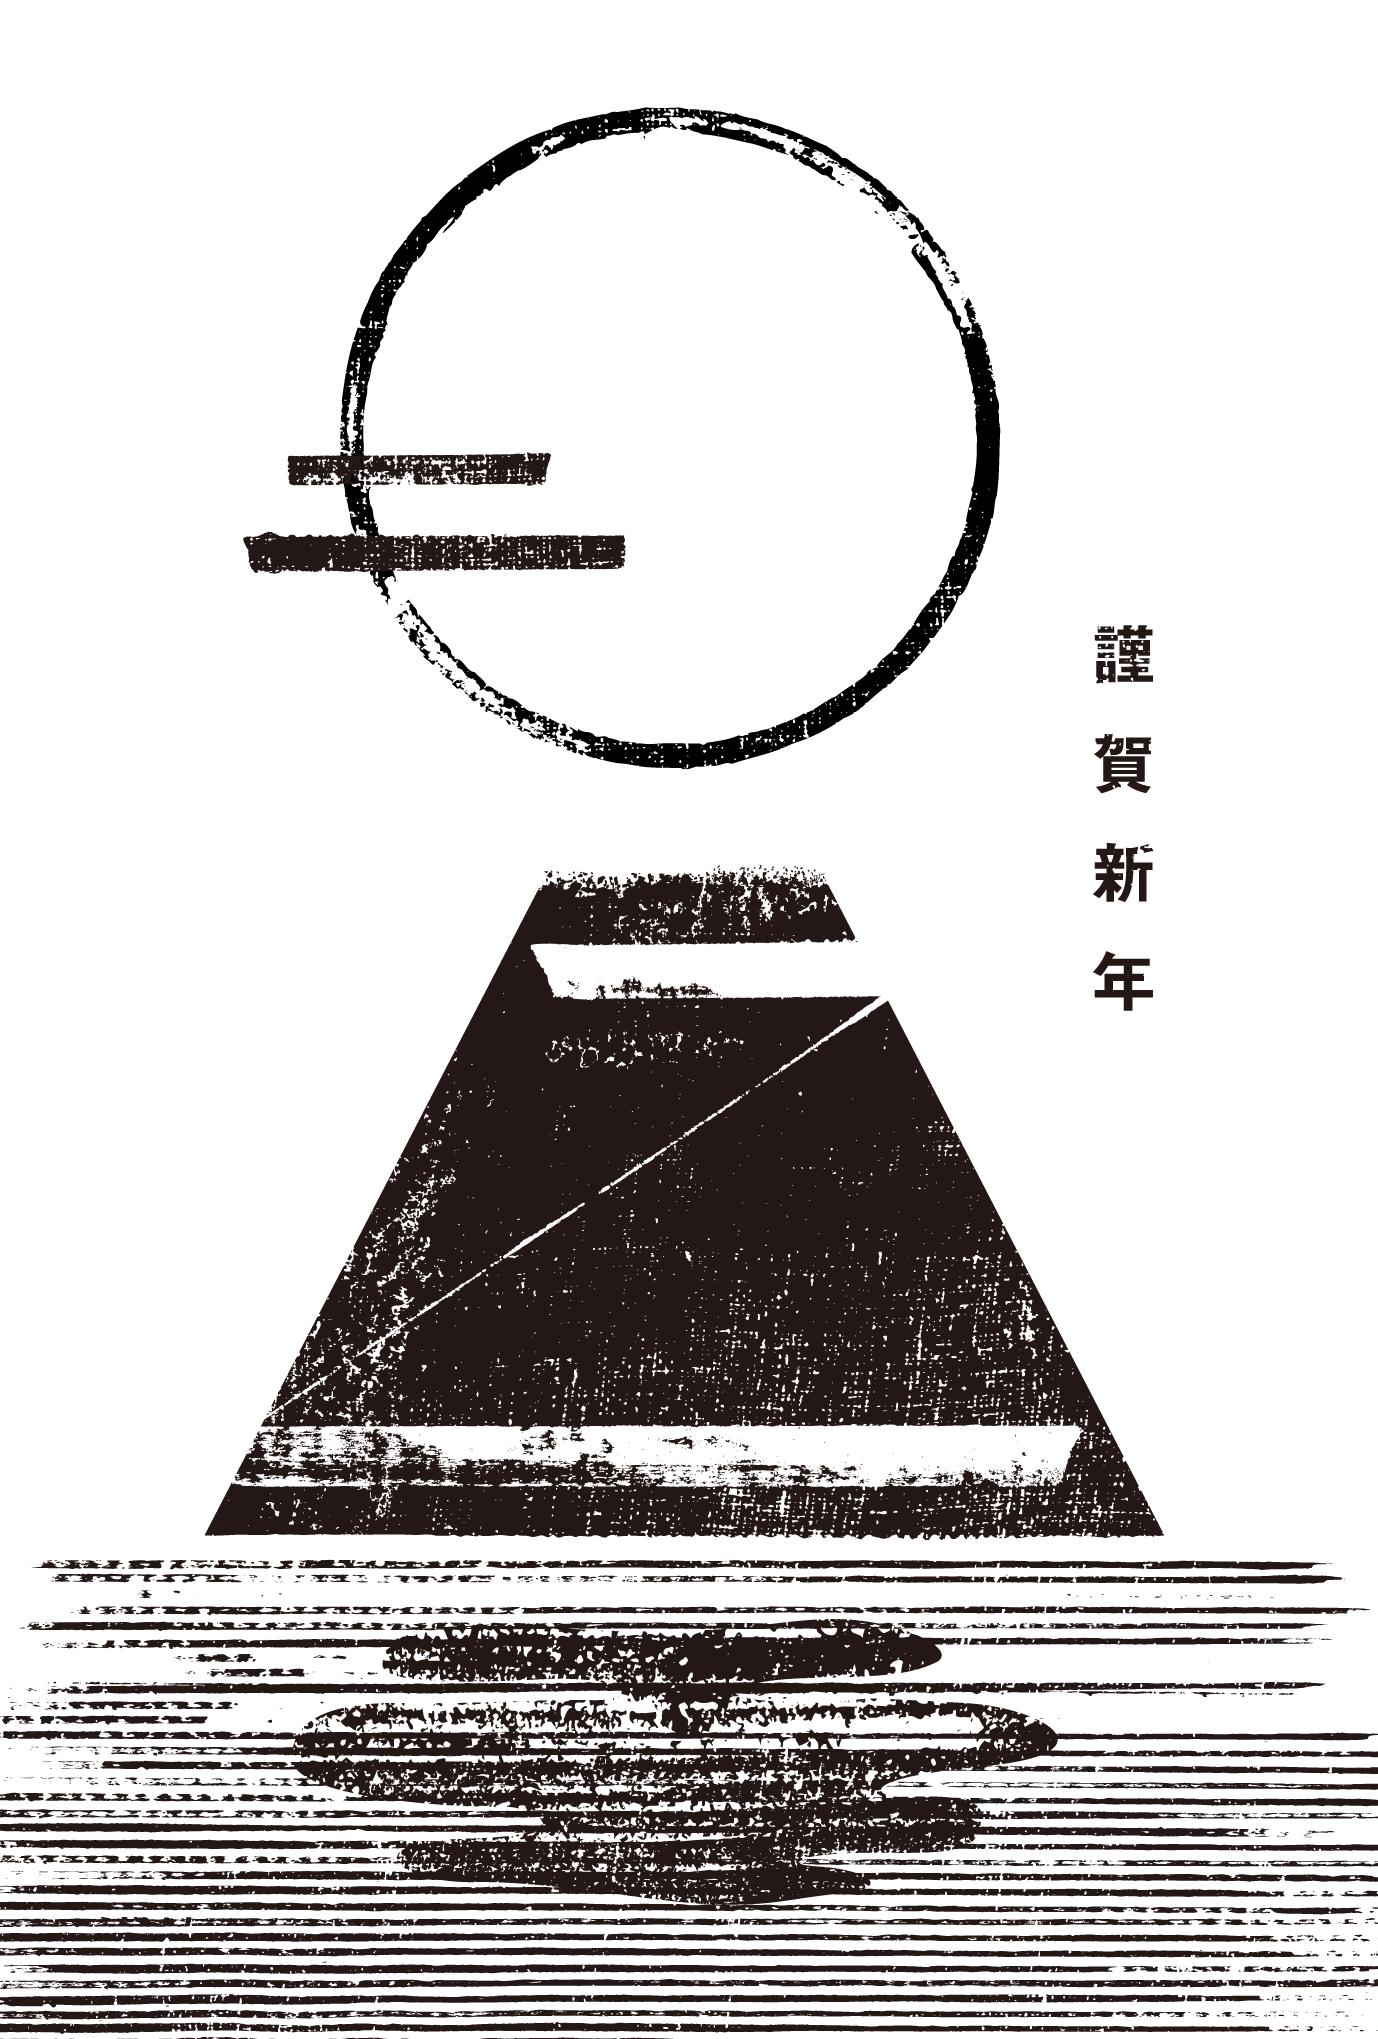 2020年賀状13-3:Mt.二〇二〇 / 黒のダウンロード画像